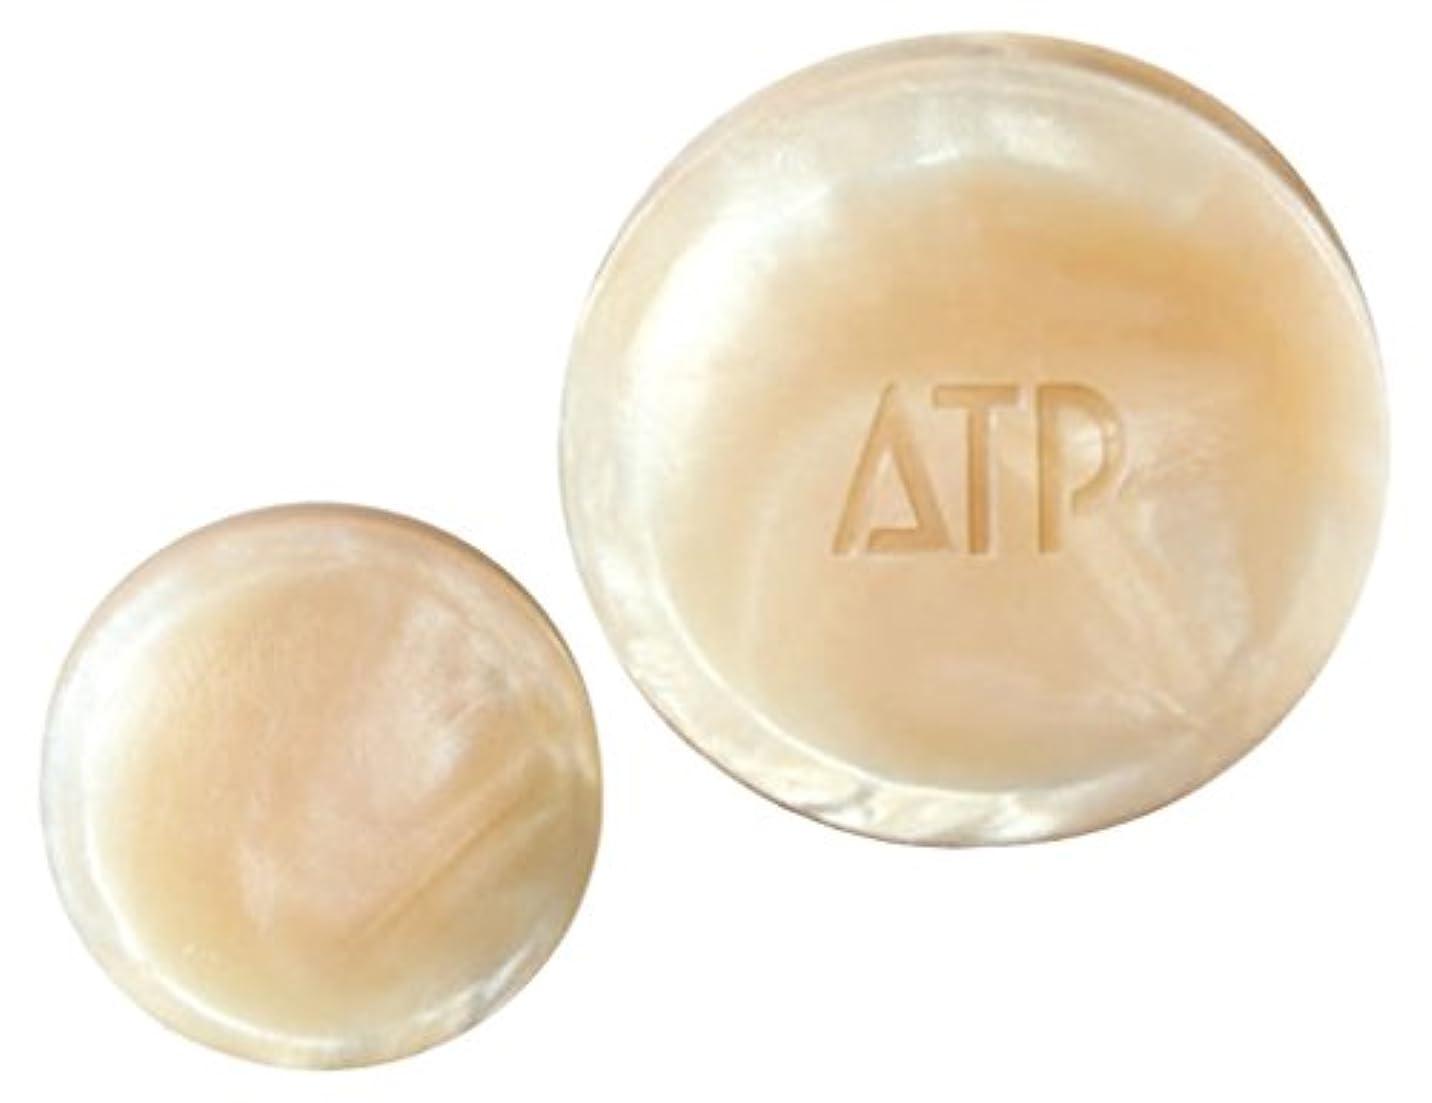 マグ自明フリル薬用ATP デリケアソープ 30g (全身用洗浄石けん?枠練り) [医薬部外品]